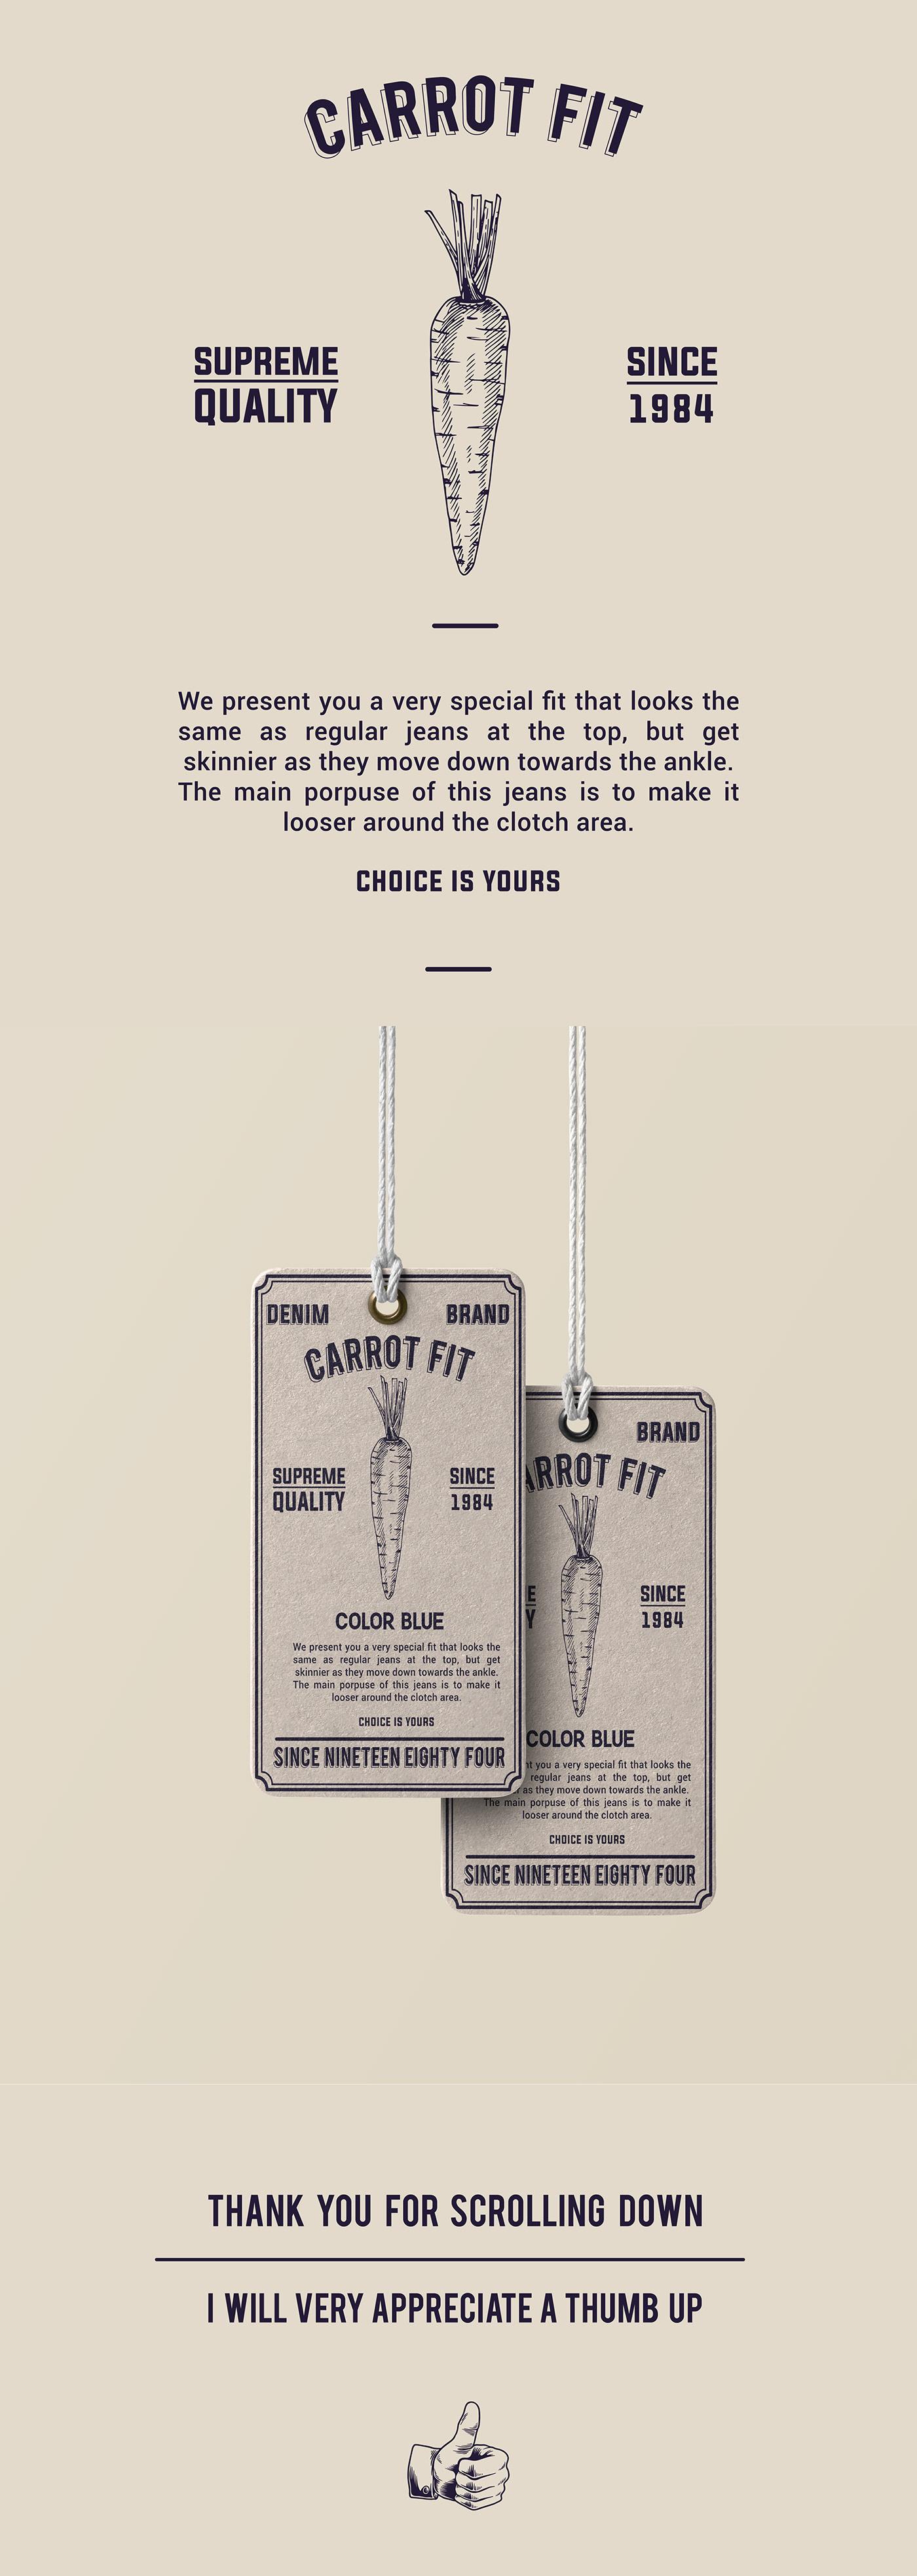 有創意感的32個吊牌設計欣賞